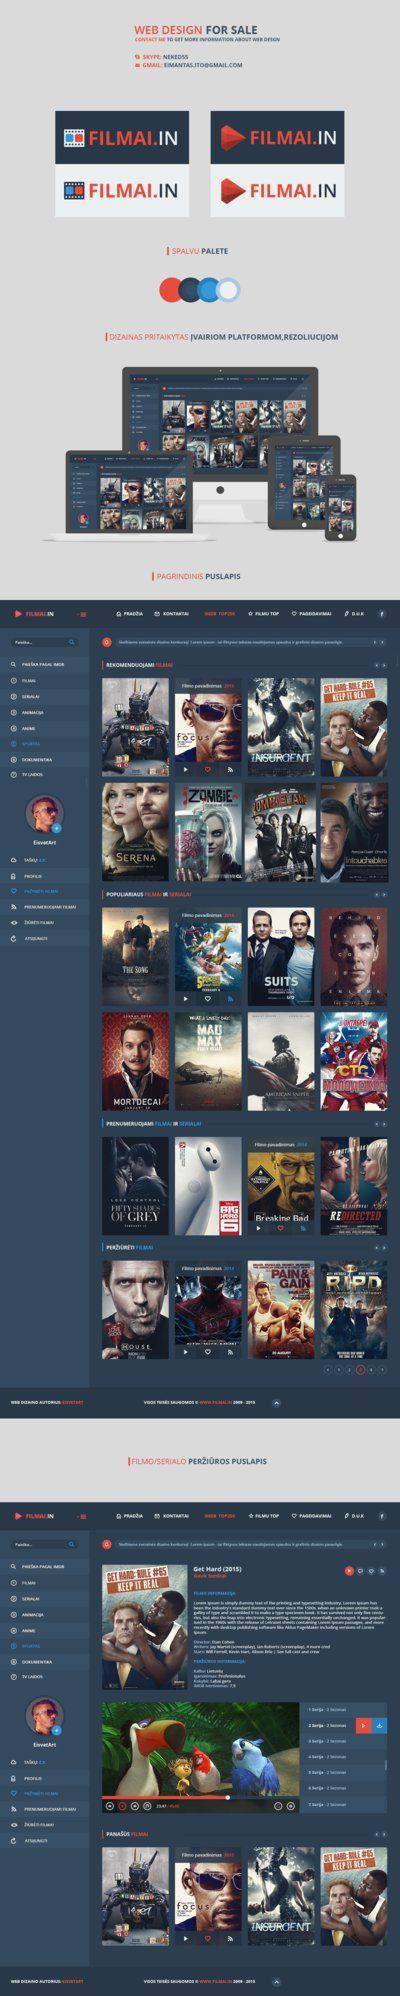 Movie / Films Online [ Web design ] - FOR SALE by iEimiz on DeviantArt